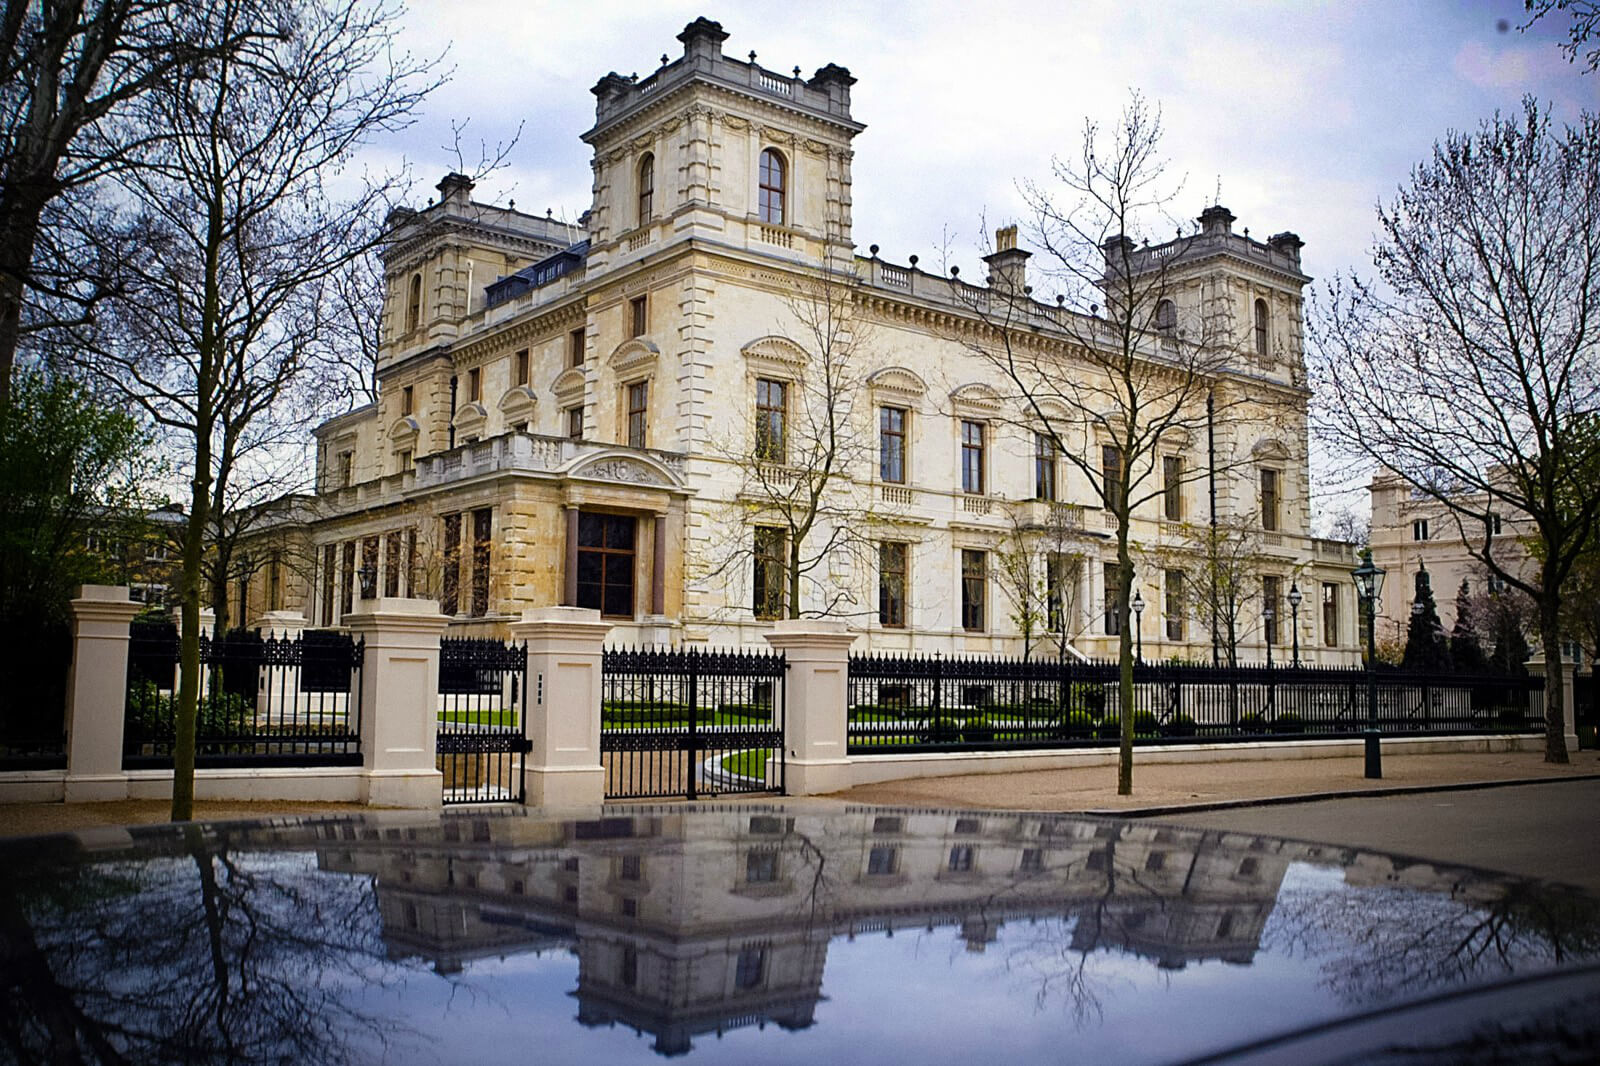 Kesington Palace Gardens